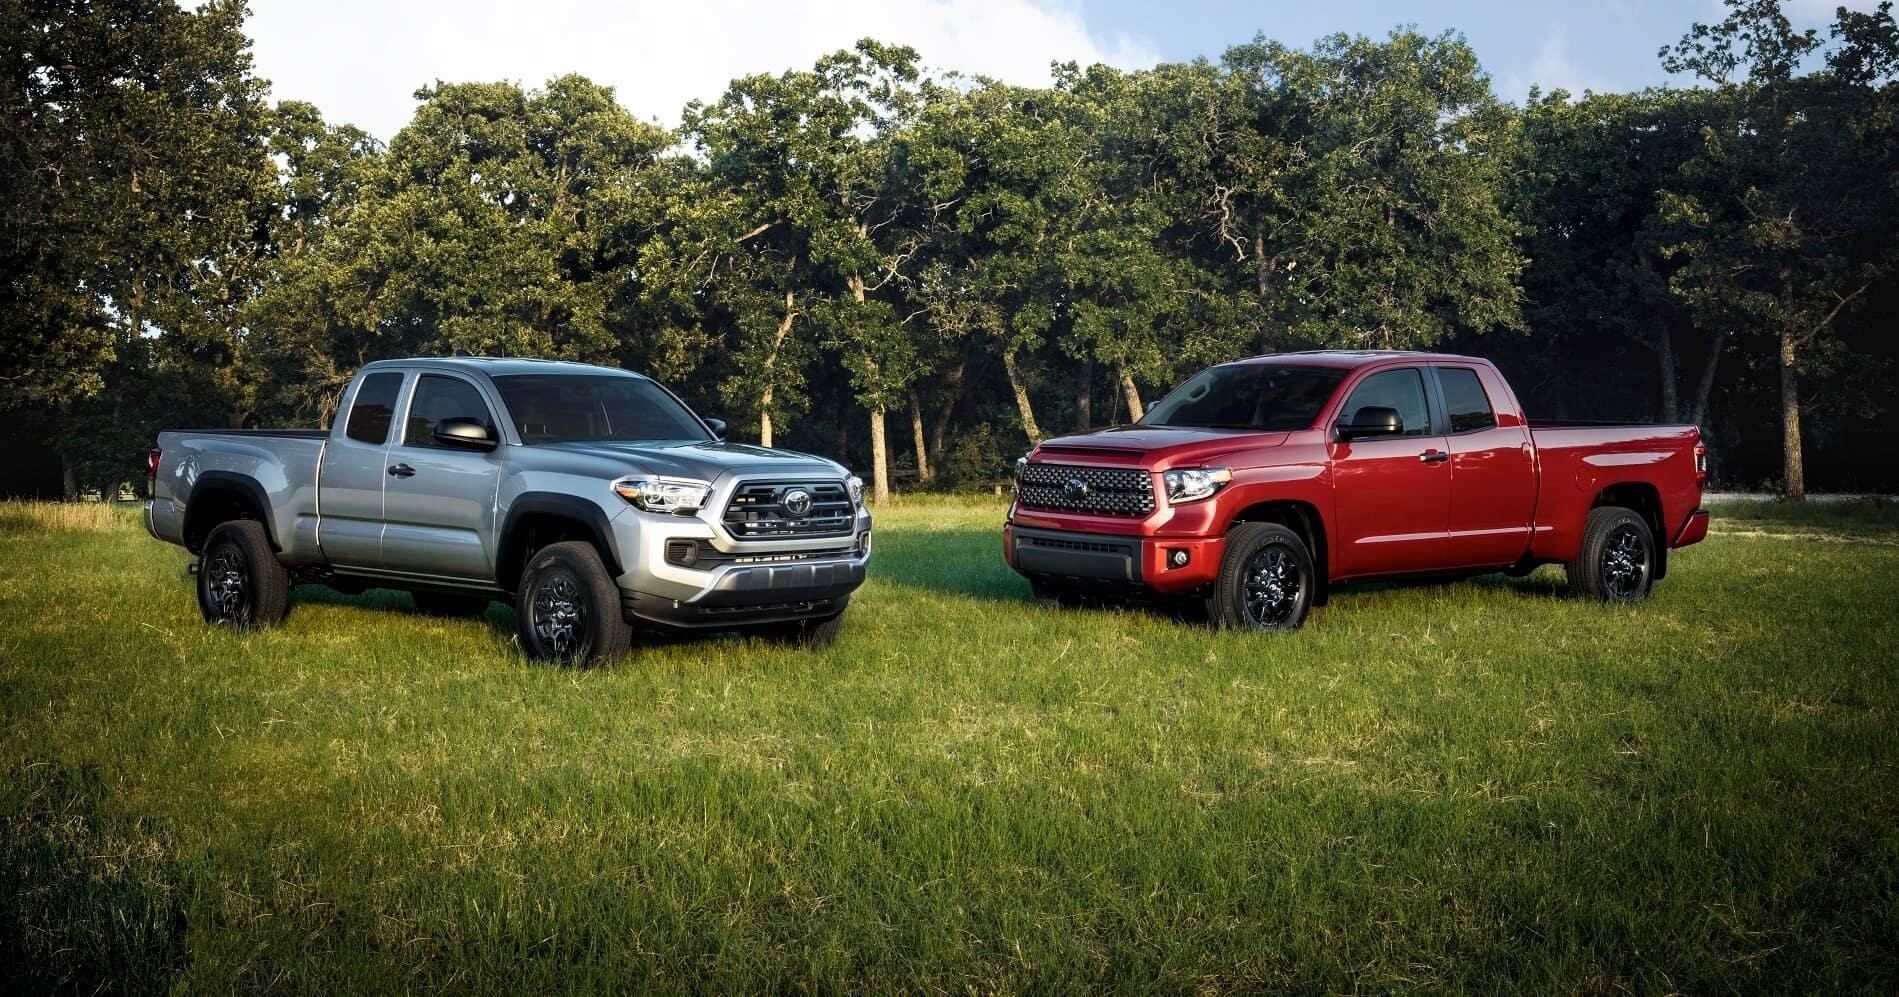 Toyota Tundra and Tacoma